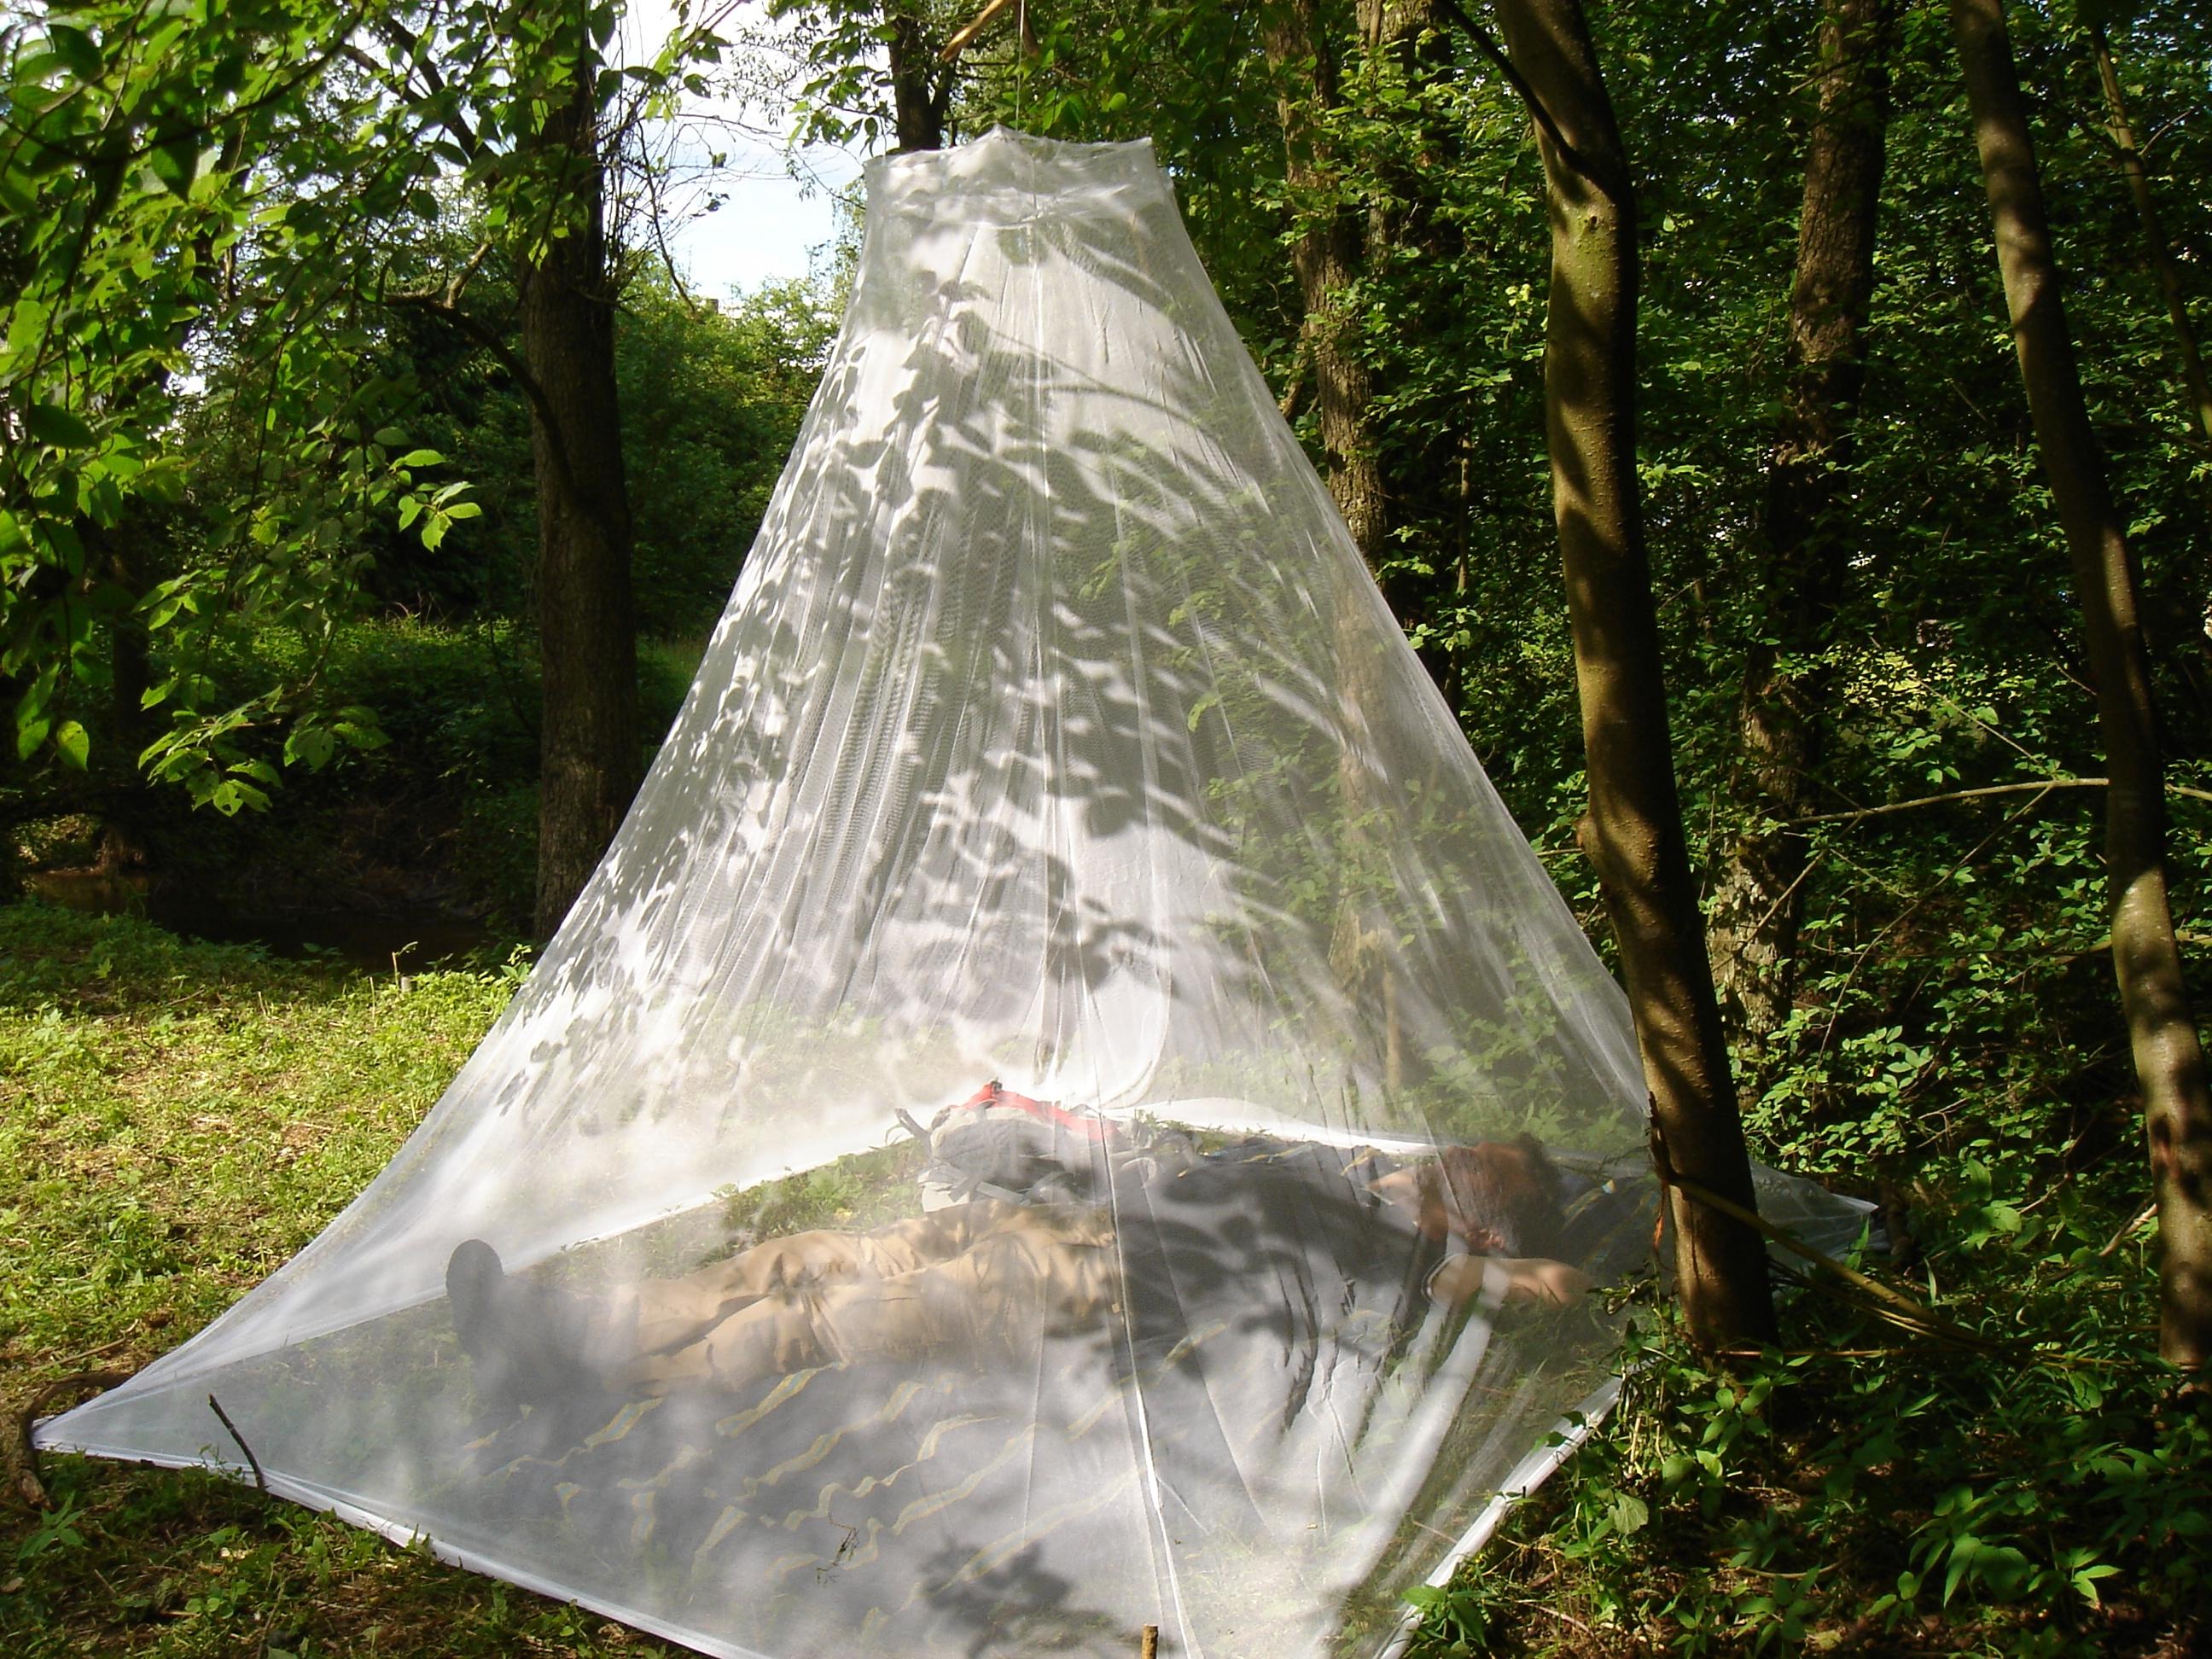 Brettschneider Standard Bell Moskitonetz Mückenschutz Reisemückennetz Baldachin